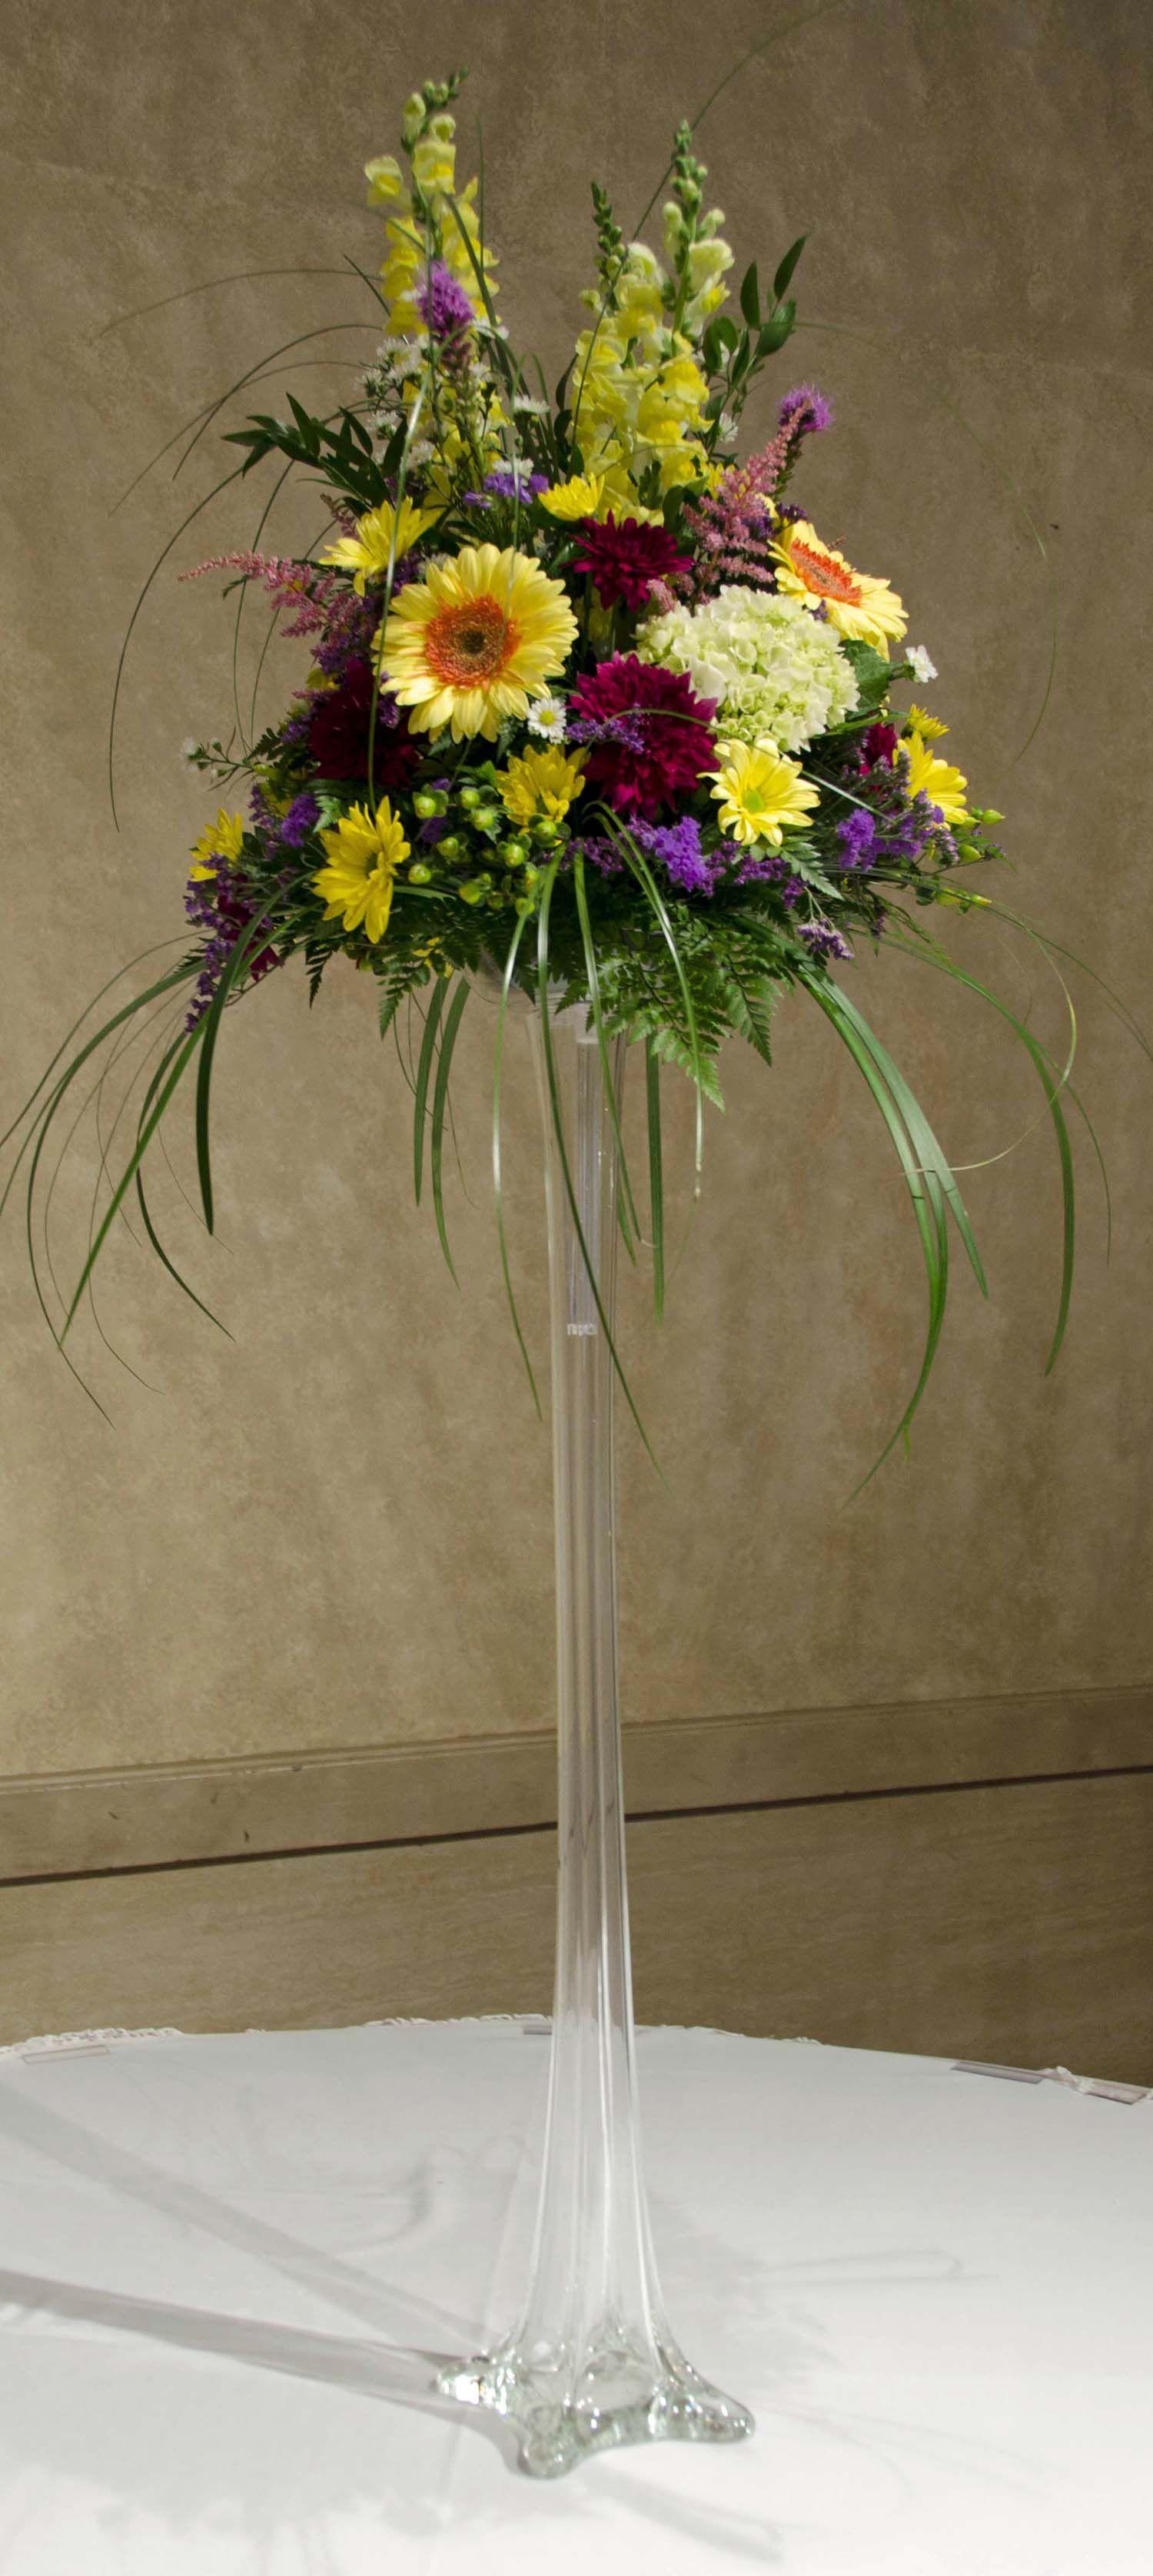 Eiffel Tower Vase Centerpiece : Wedding eiffel tower vase centerpiece